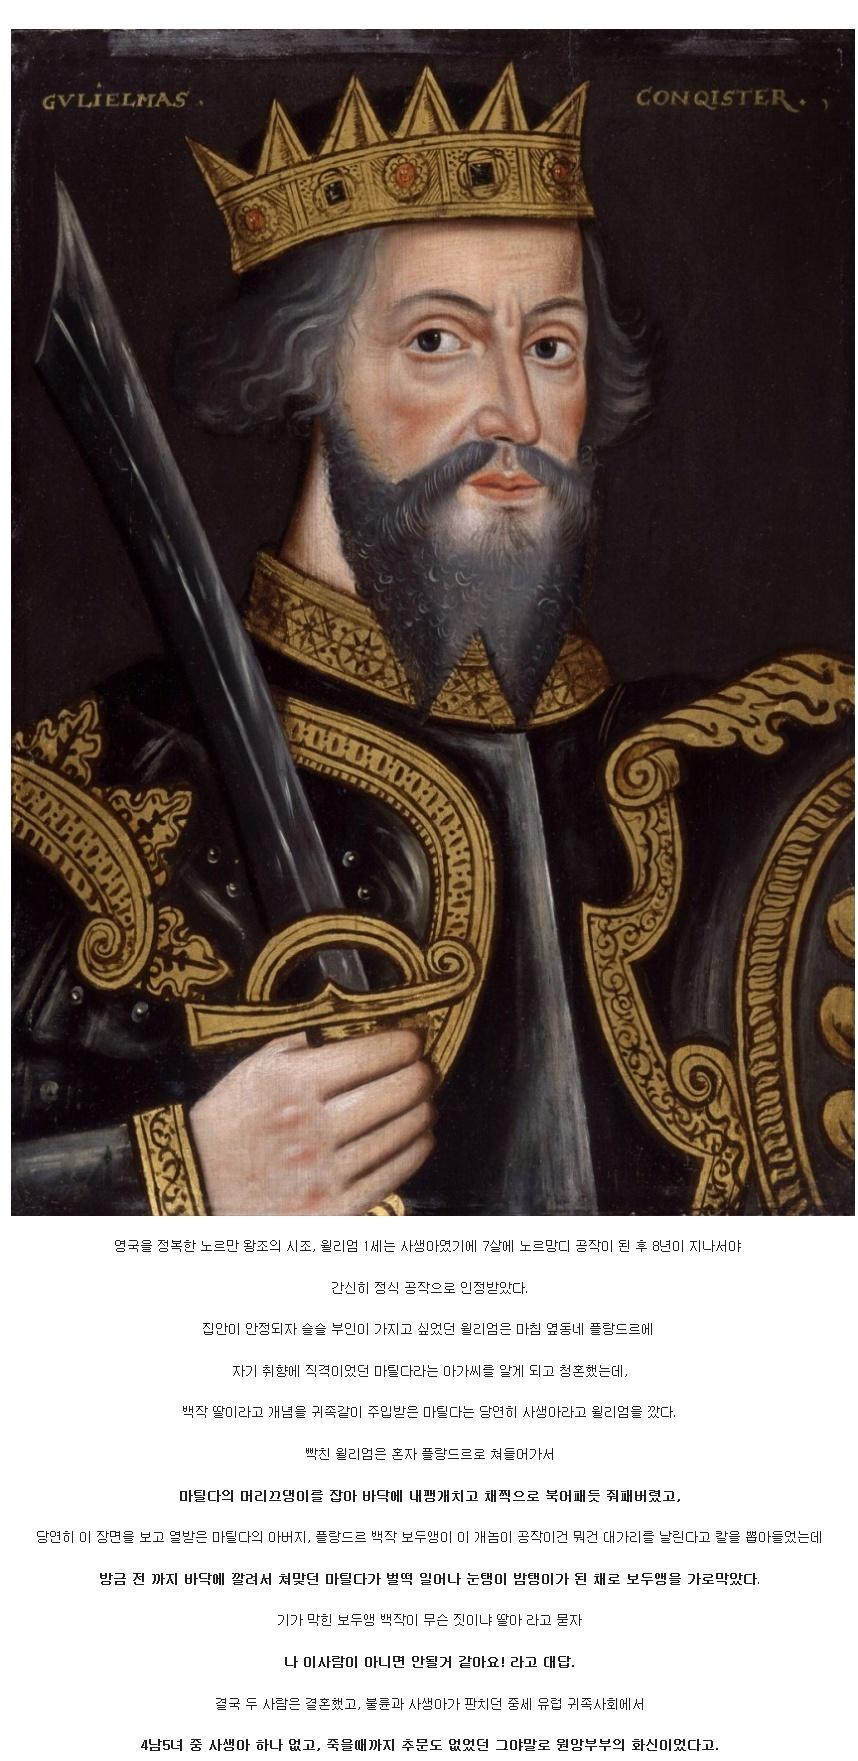 중세시대 상남자의 고백법